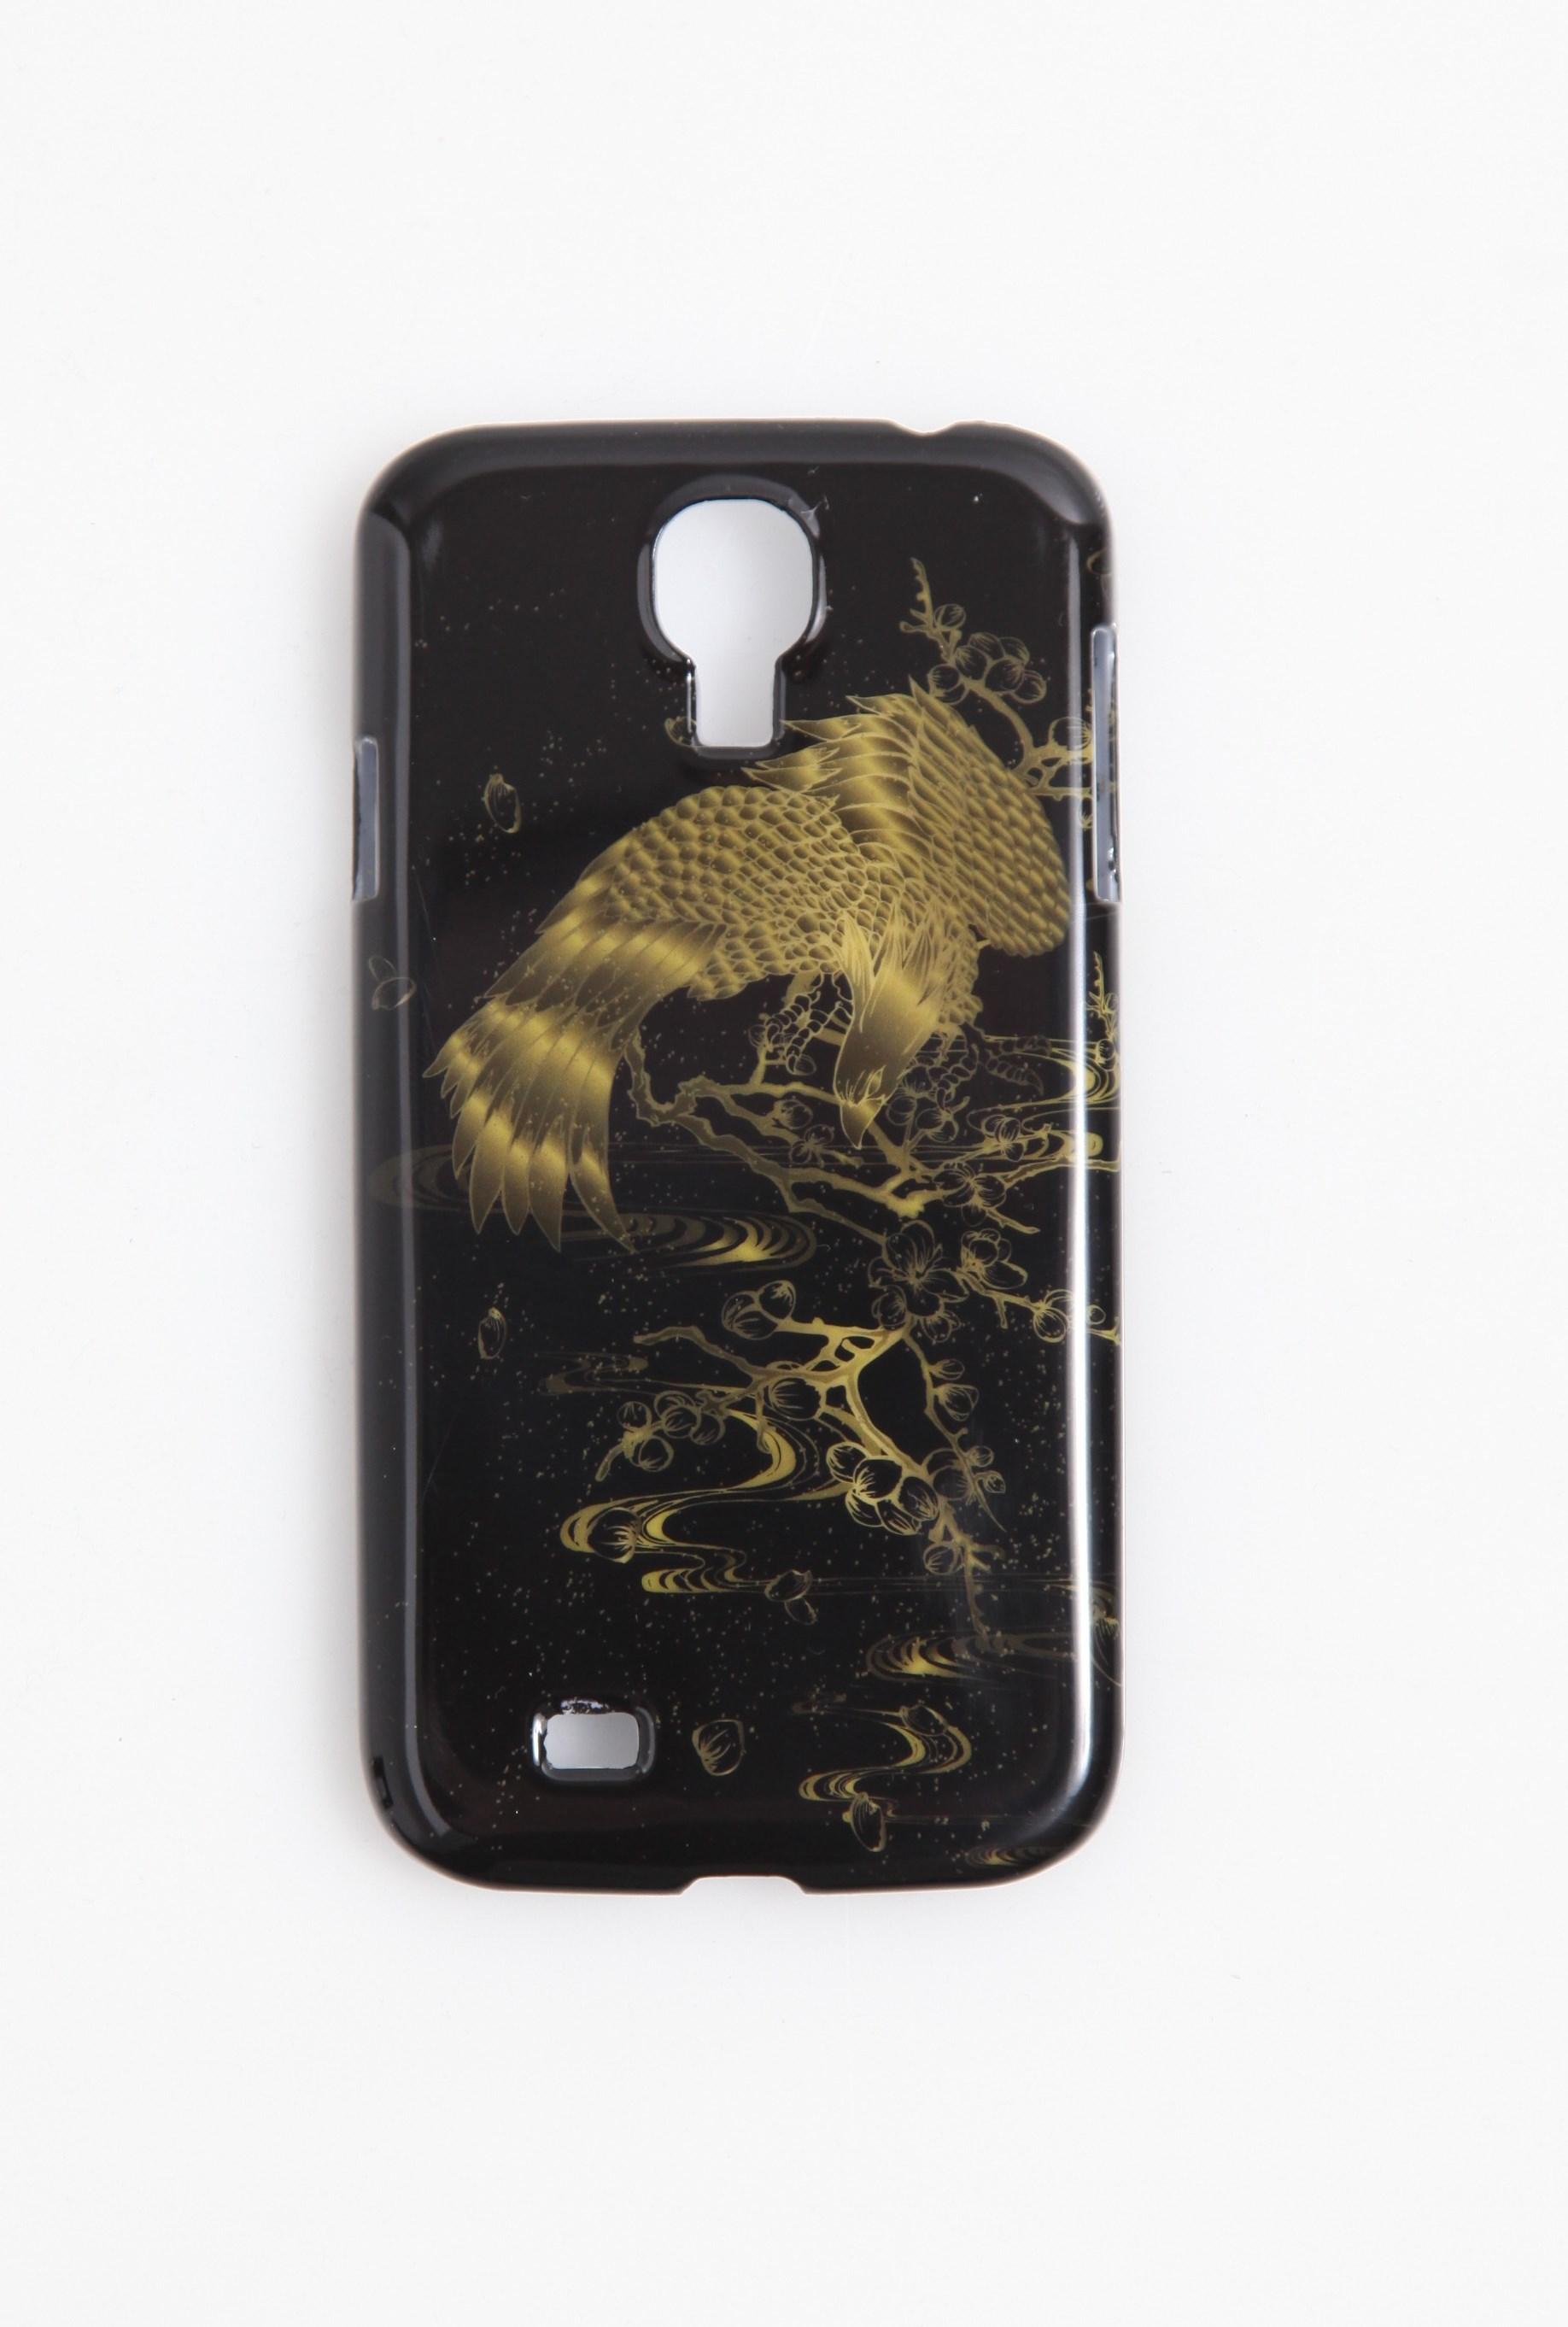 【Polyantha/ポリアンサ】これぞ日本!あまりにも圧巻的・迫力的な鷲を描写したGALAXY S4カバー